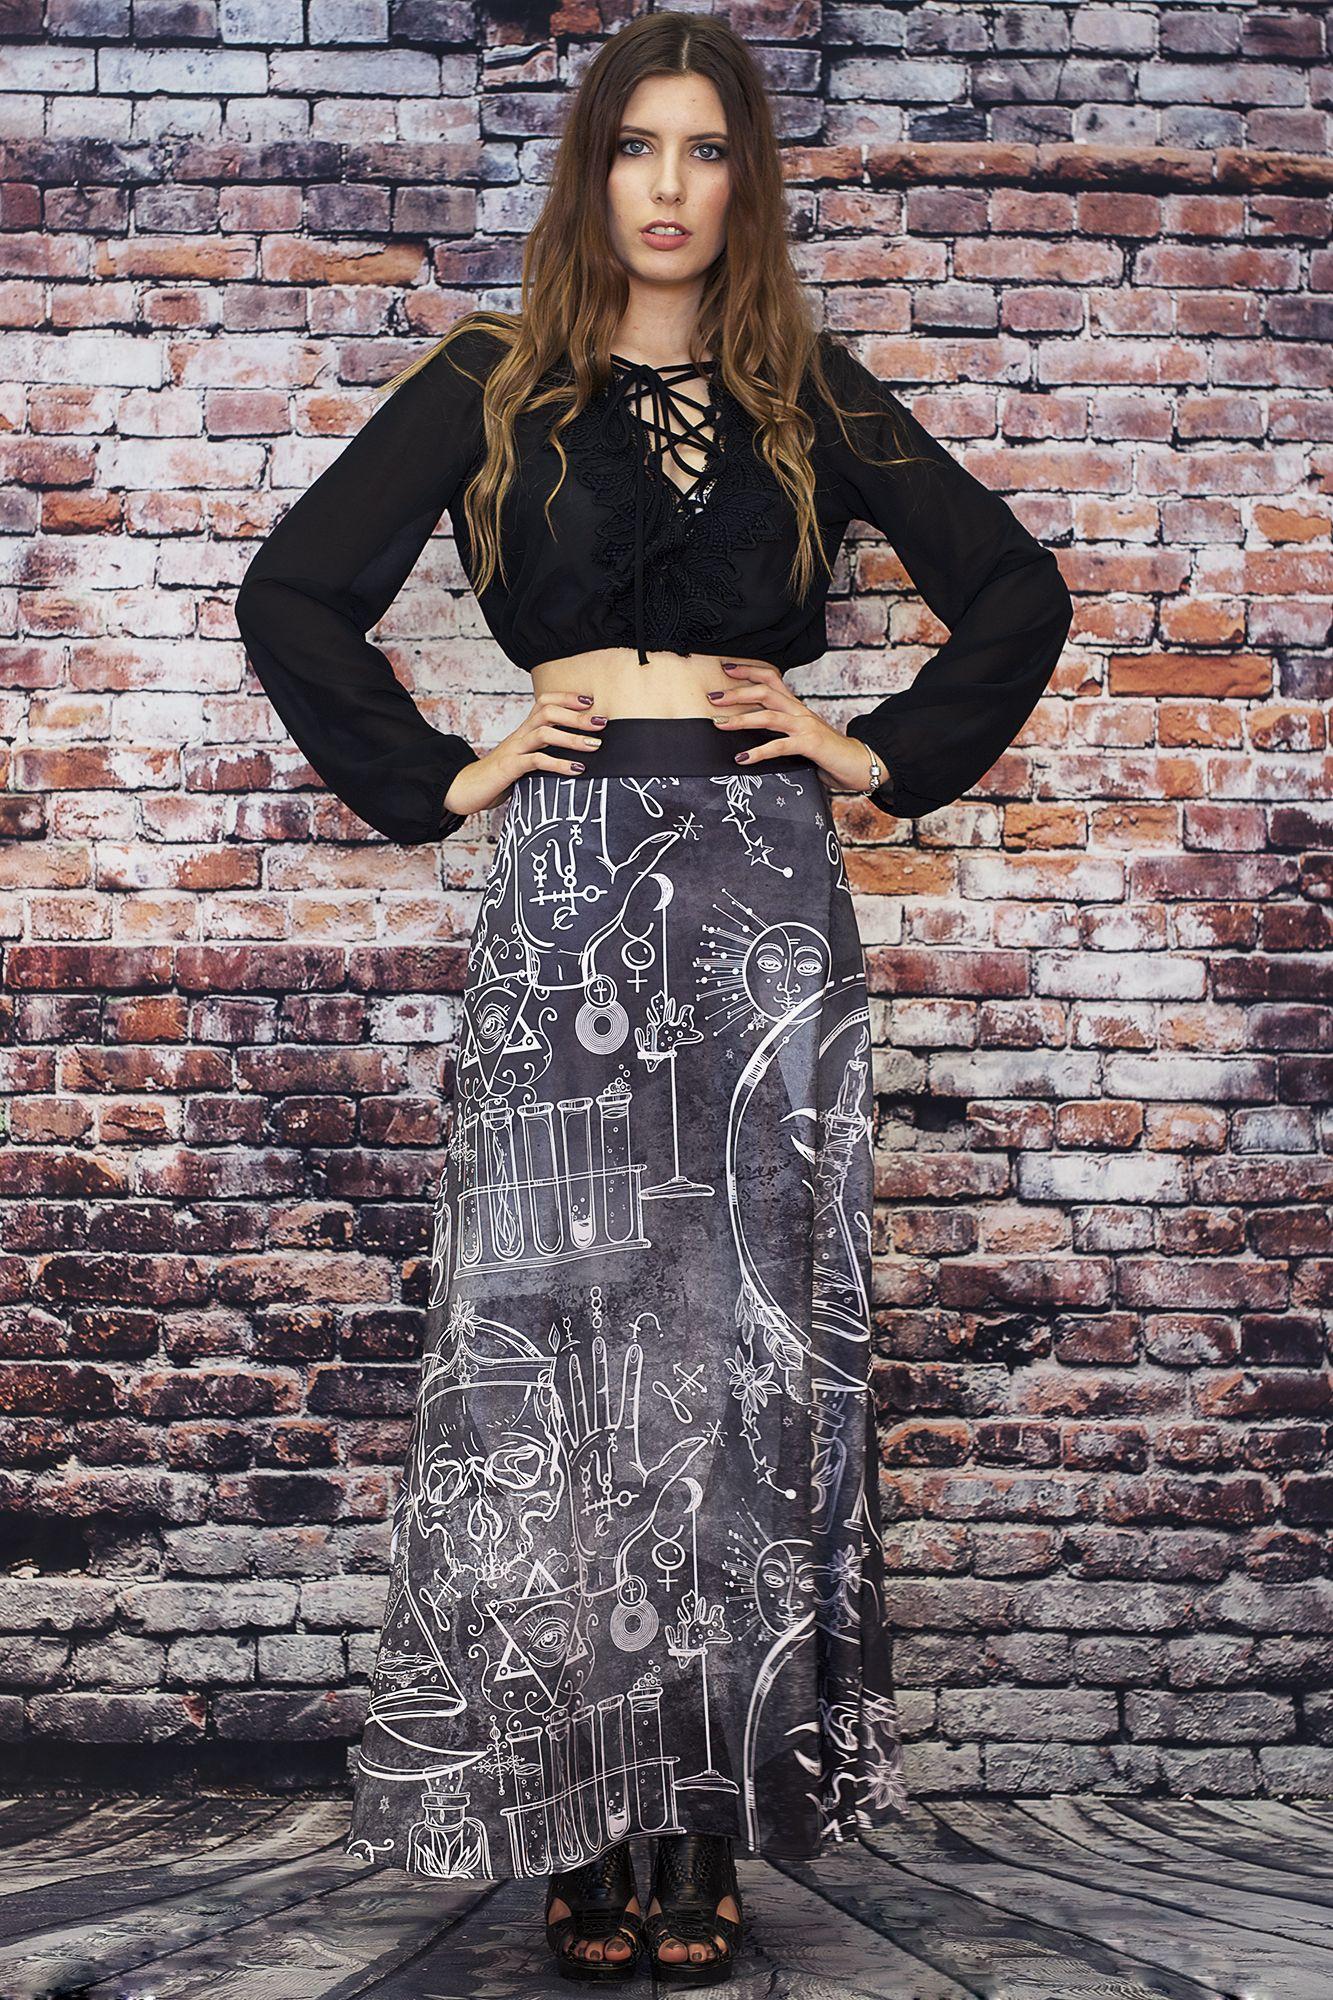 f9e67ddd61f14 Hocus Pocus Maxi Skirt - $90.00 AUD. Hocus Pocus Maxi Skirt - $90.00 AUD Living  Dead Clothing, Best Leggings ...